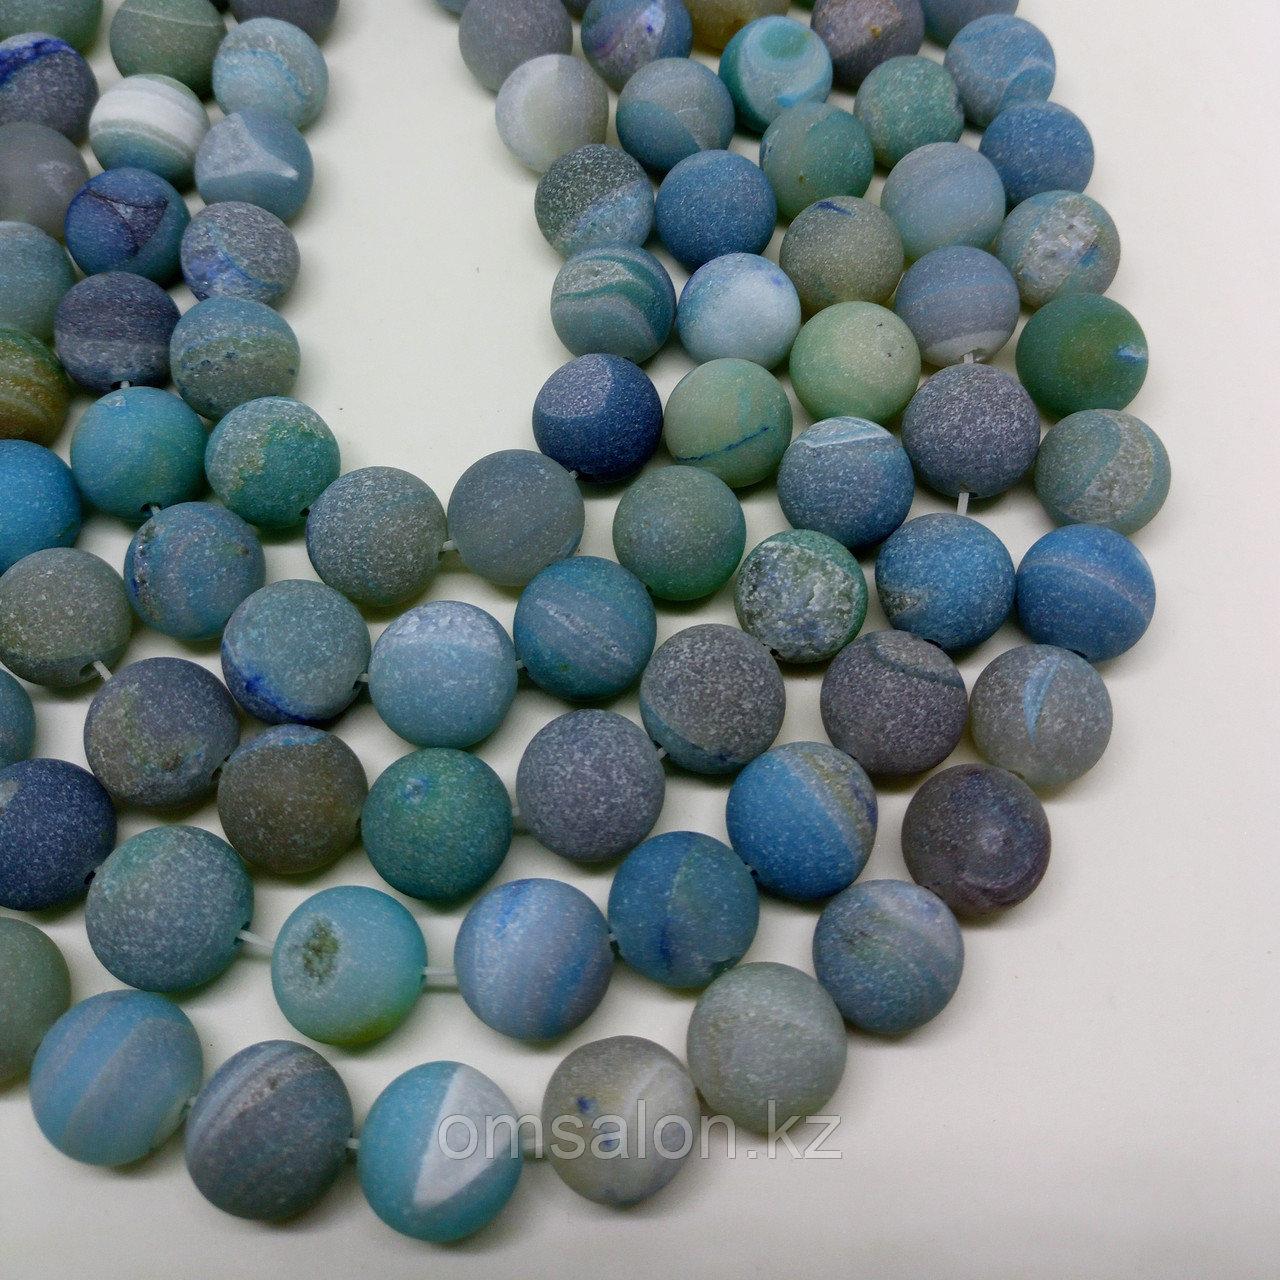 Агат голубой с друзой, матовый, 12 мм